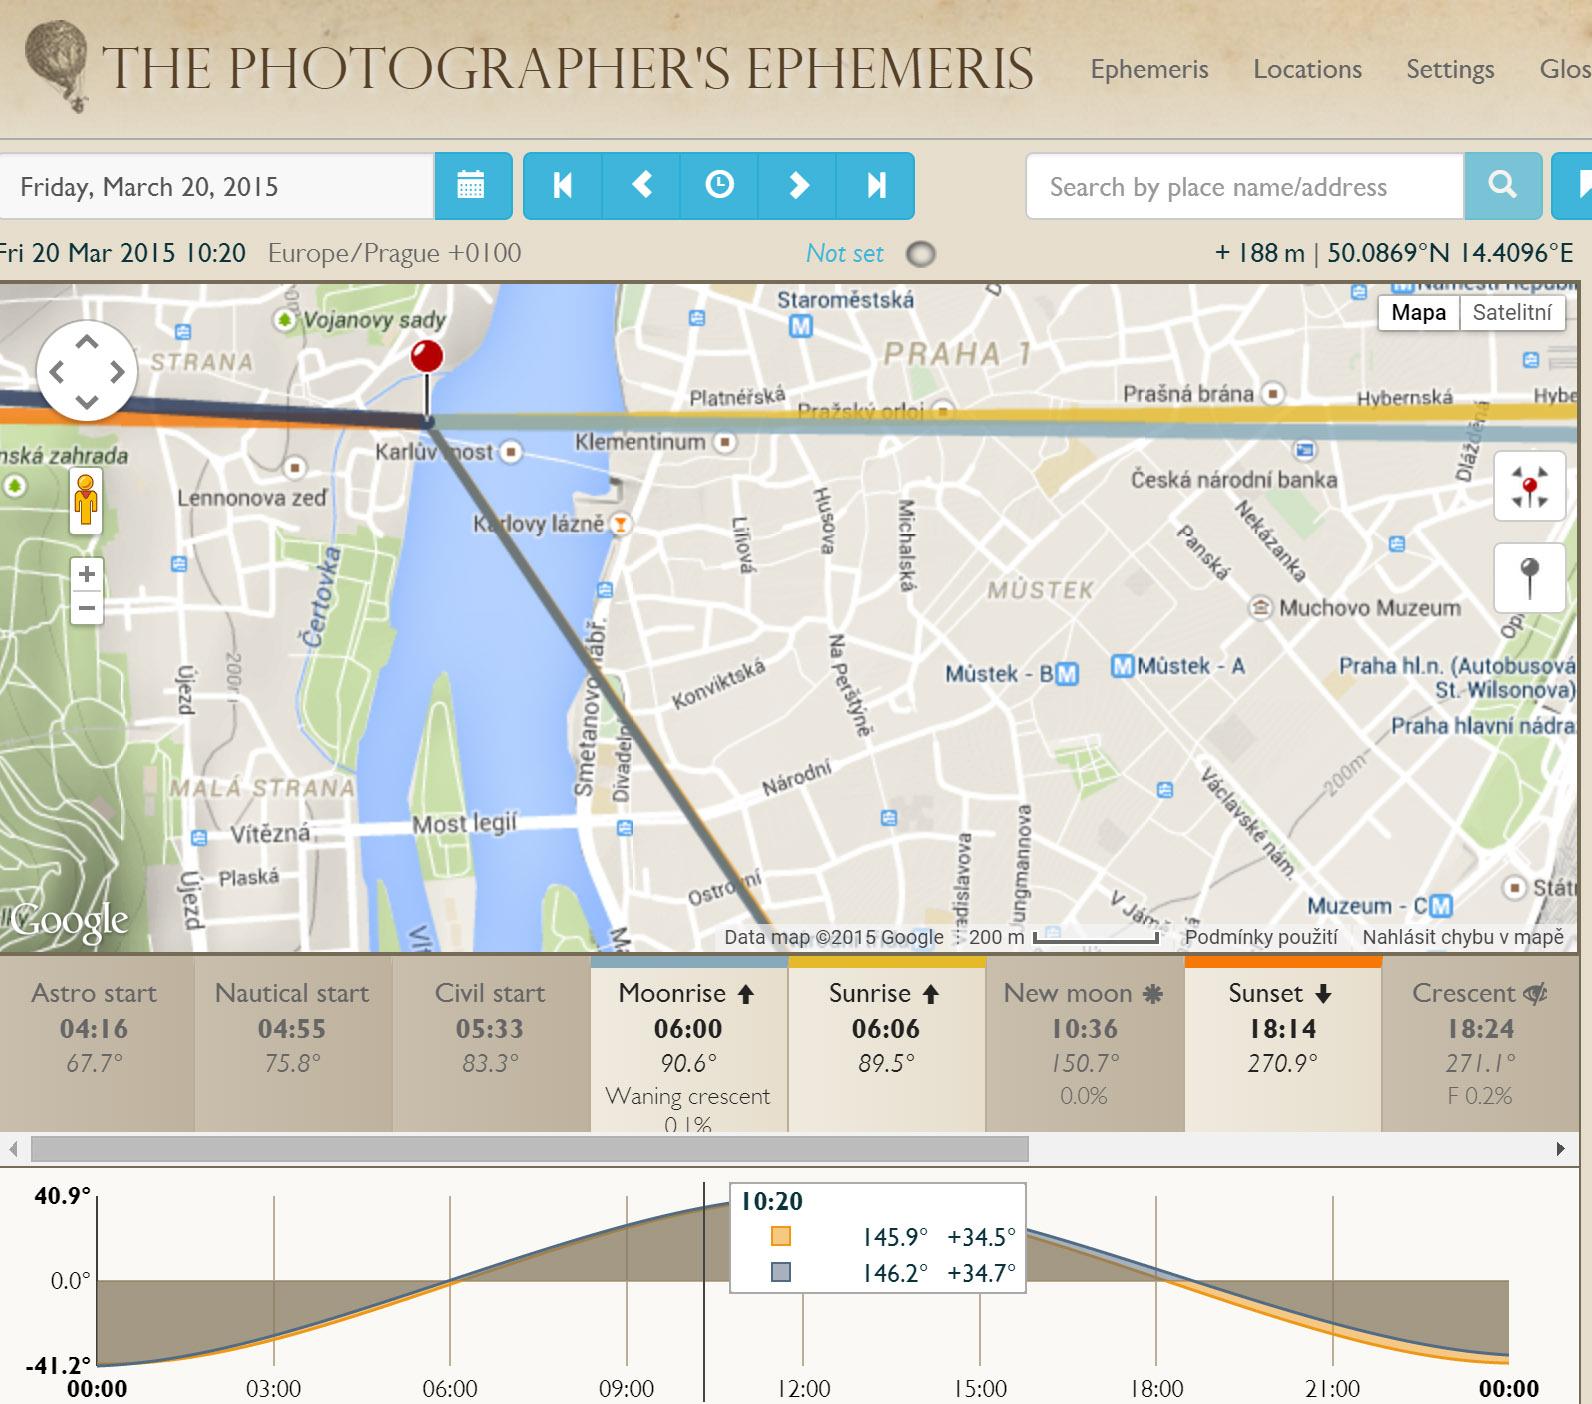 Náhled online aplikace Photographer Ephemeris